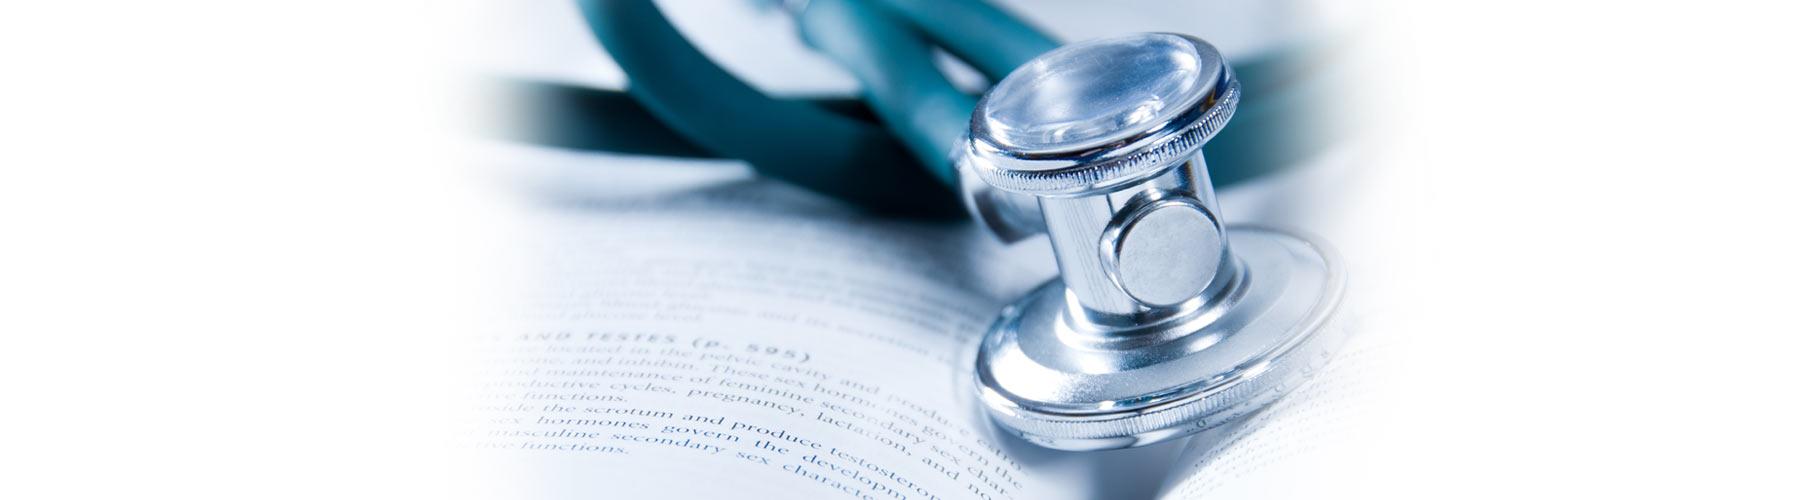 OPE de Enfermería del Servicio Canario de Salud en 2019